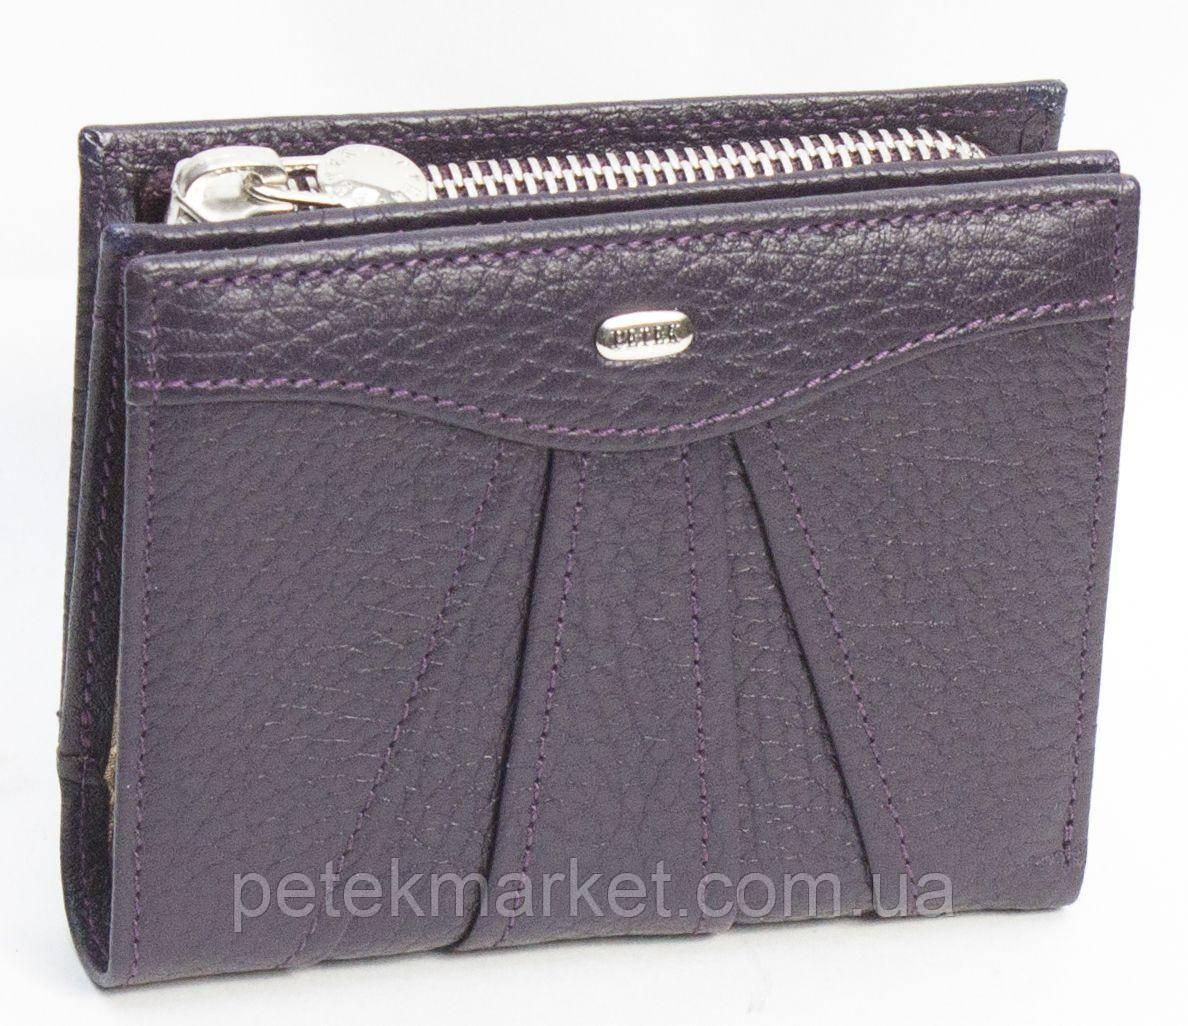 Женское портмоне Petek 428, Сиреневый, 1, 5+, Вертикальное, Естественная фактура, Снаружи, Матовая,